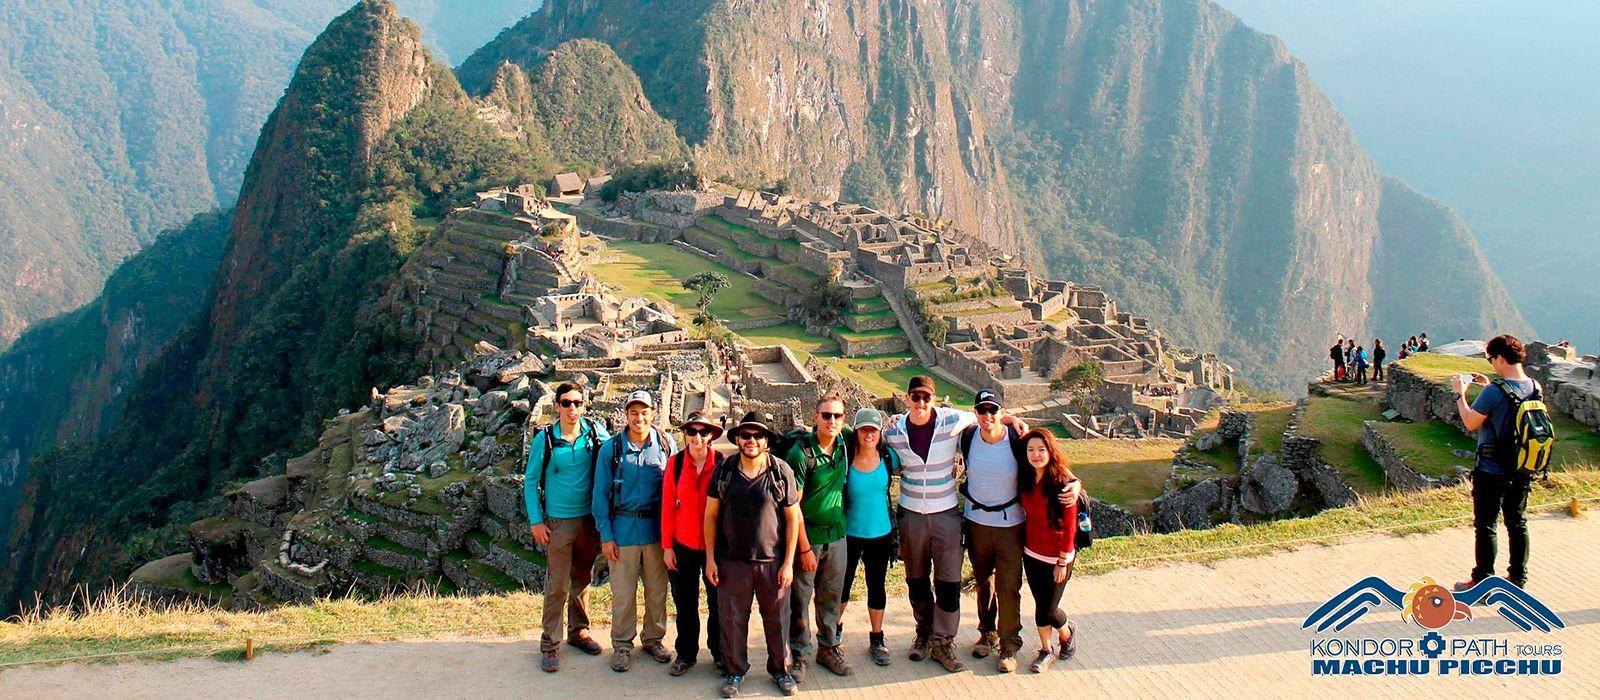 choquequirao-trail-machu-picchu-5-days